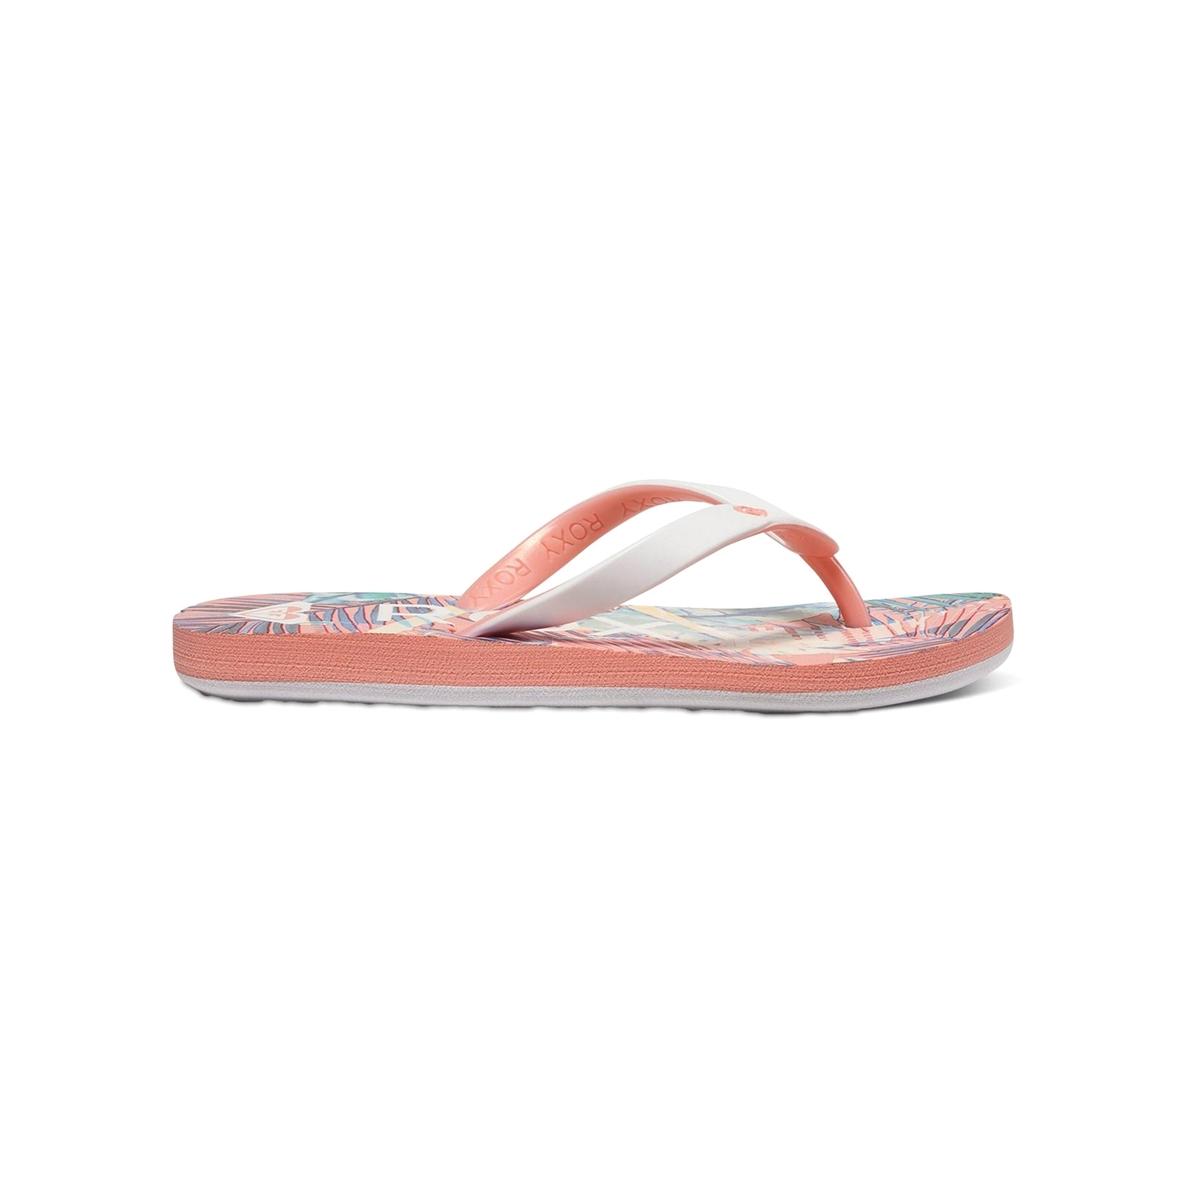 Вьетнамки TahitiВерх : синтетика   Подошва : каучук   Форма каблука : плоский каблук   Мысок : открытый мысок   Застежка : без застежки<br><br>Цвет: розовый